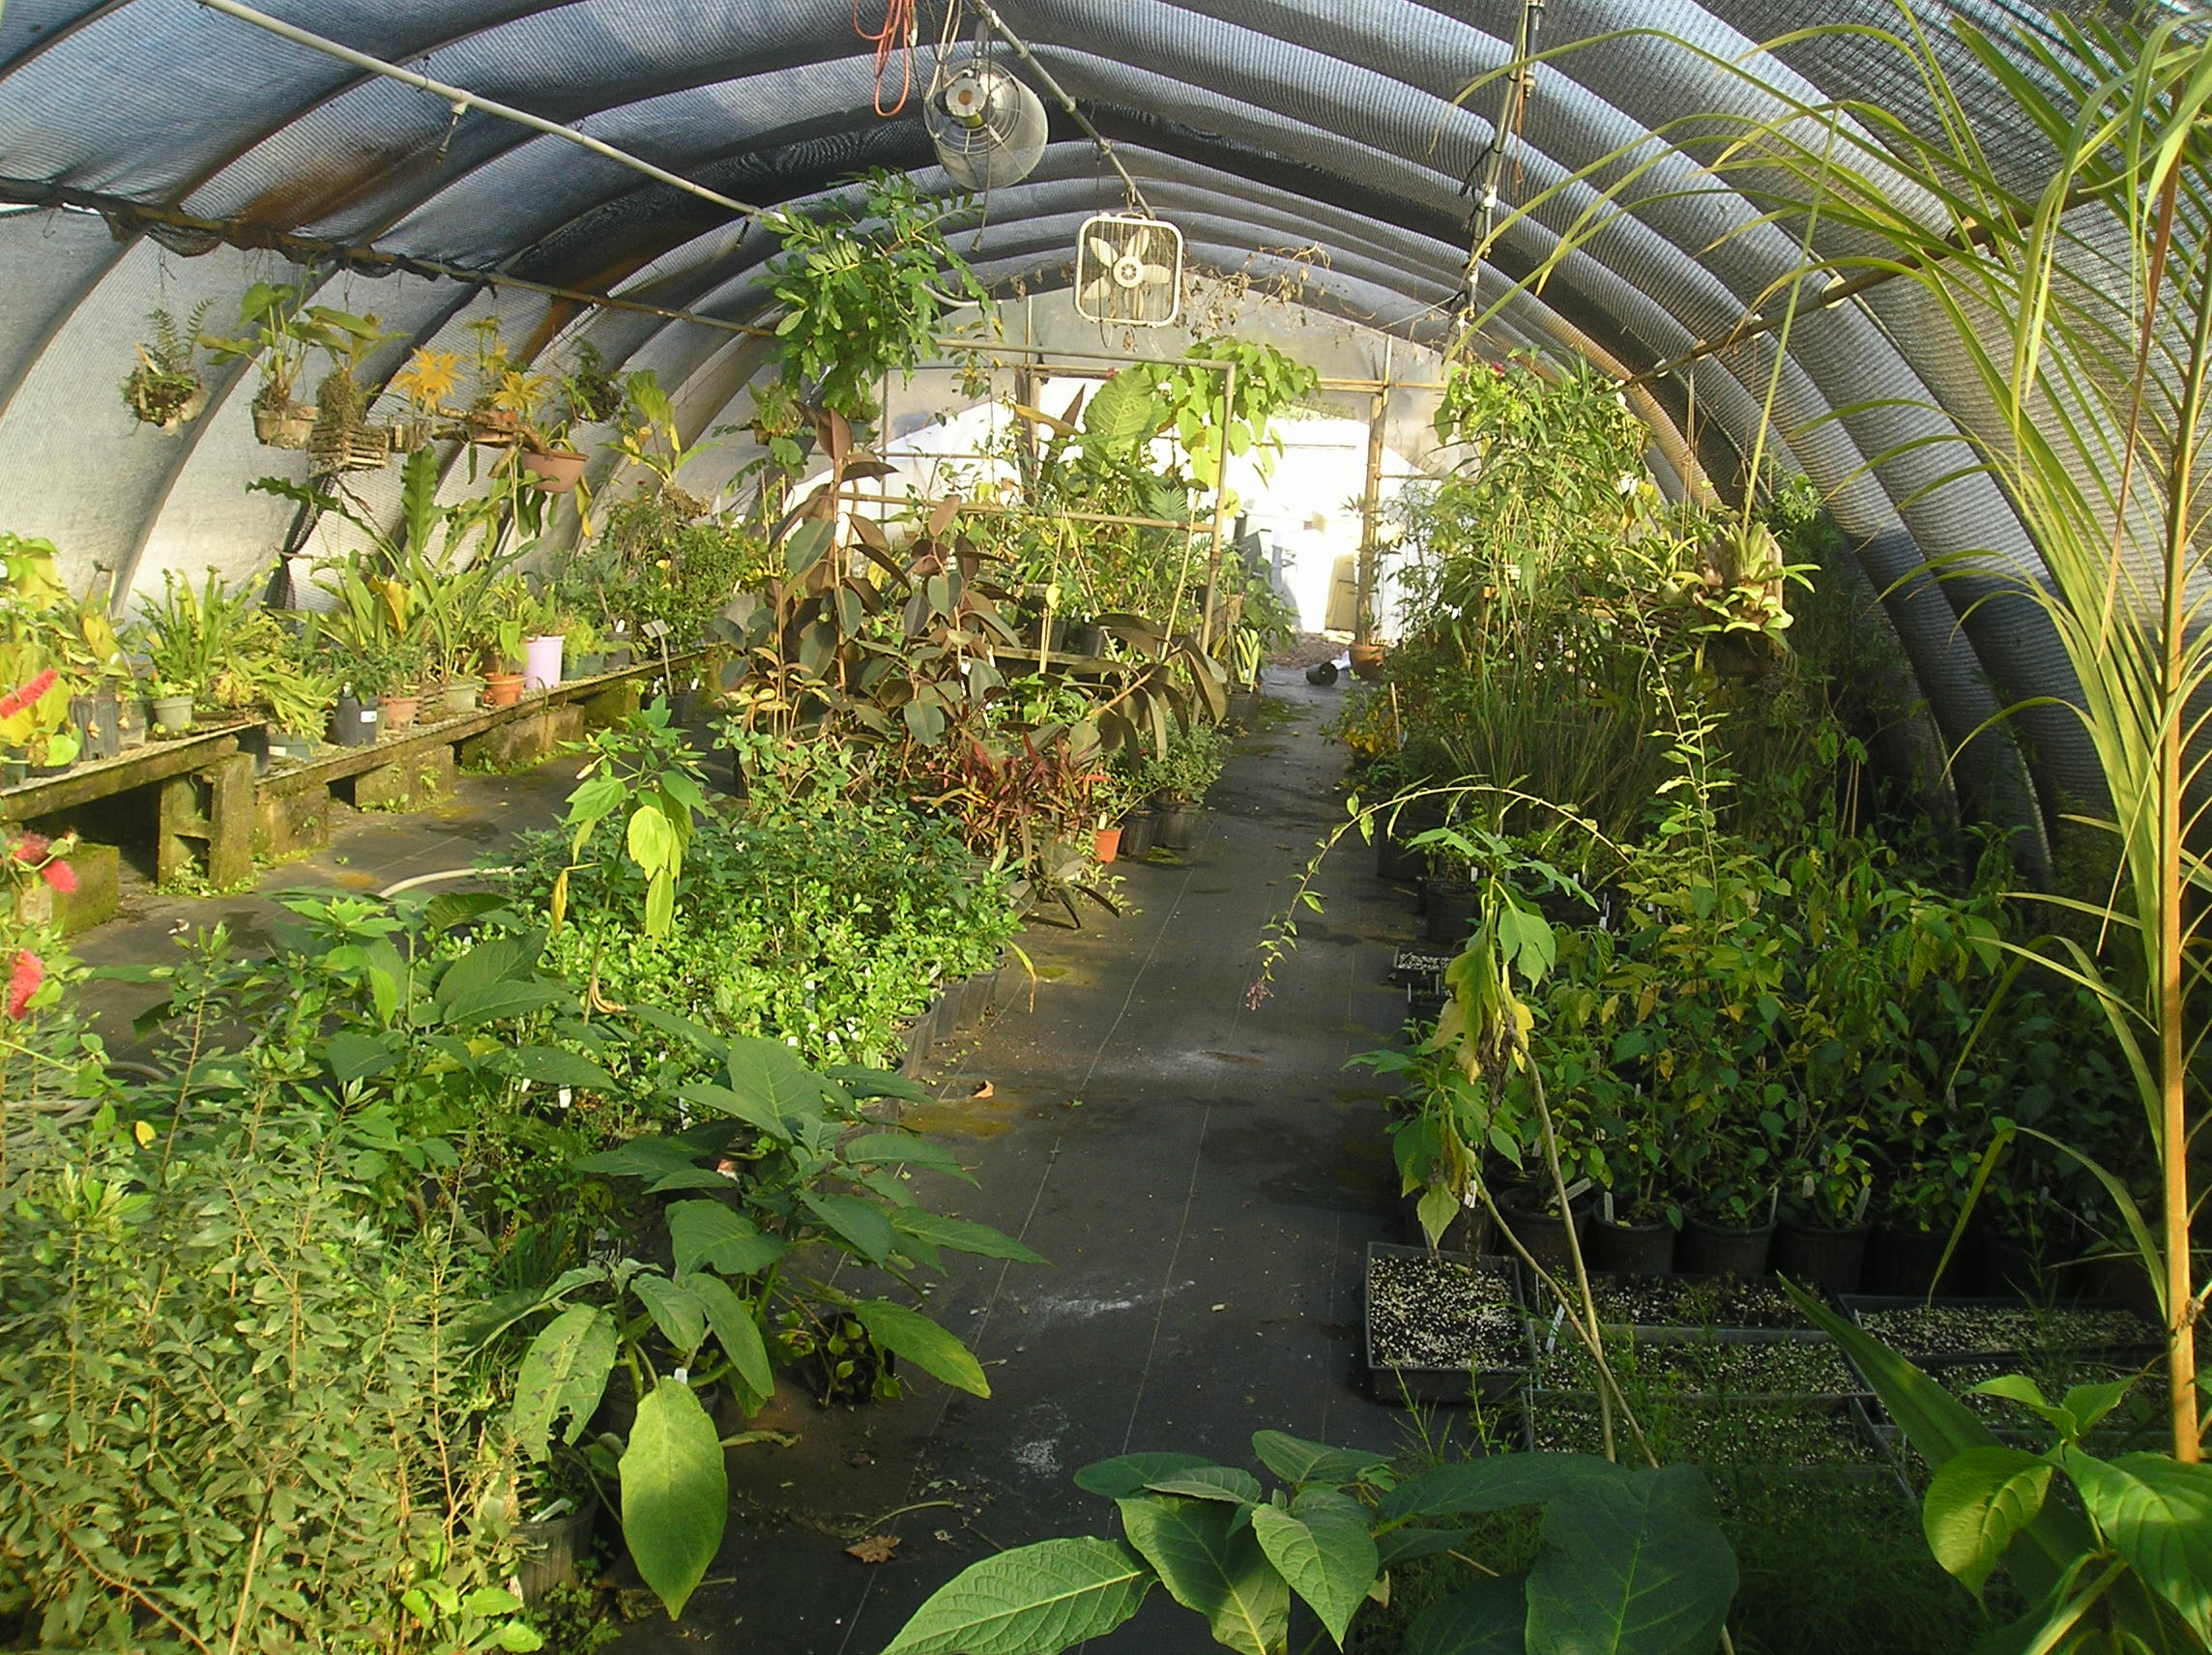 Uc botanical garden hours tami jim s magical uc berkeley for Botanical gardens hours today